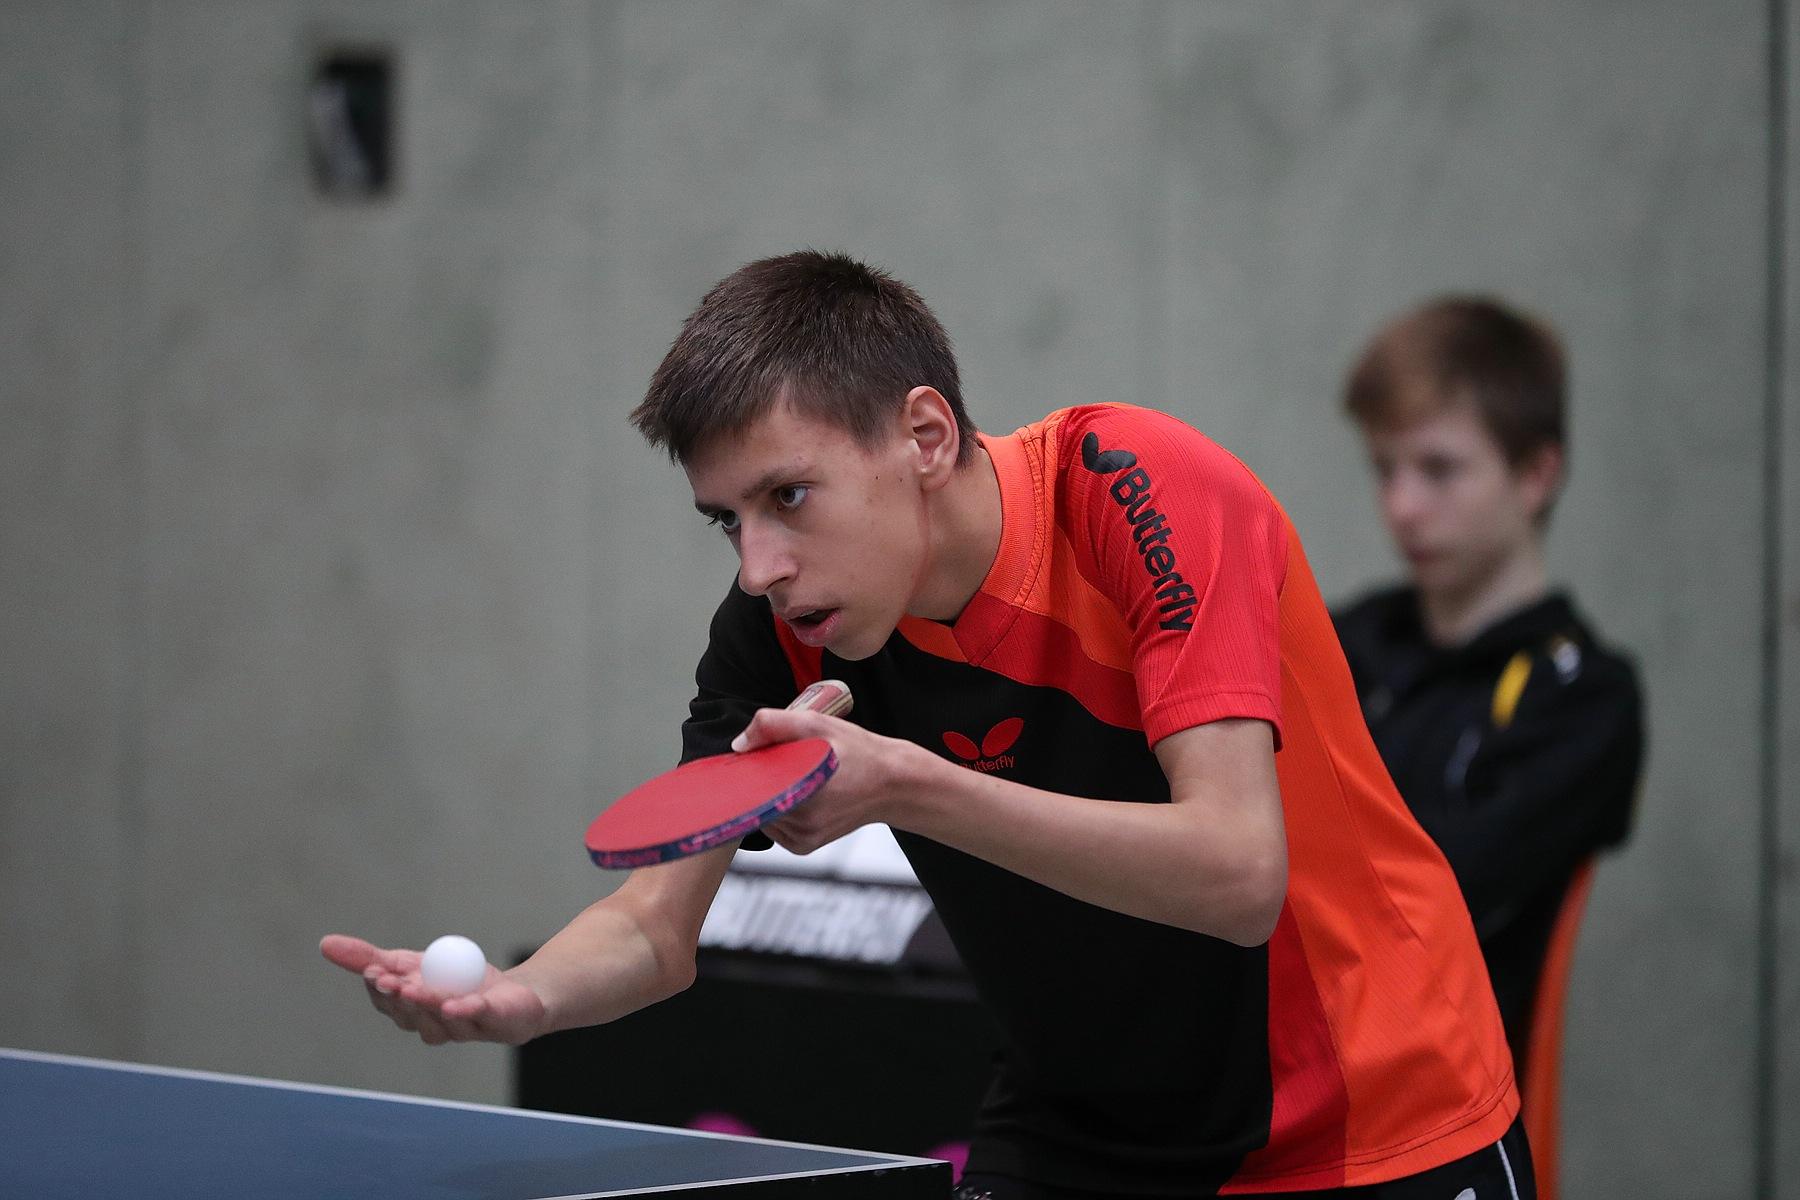 Etienne und Jörg Schultz spielen ab 2017 für die SG